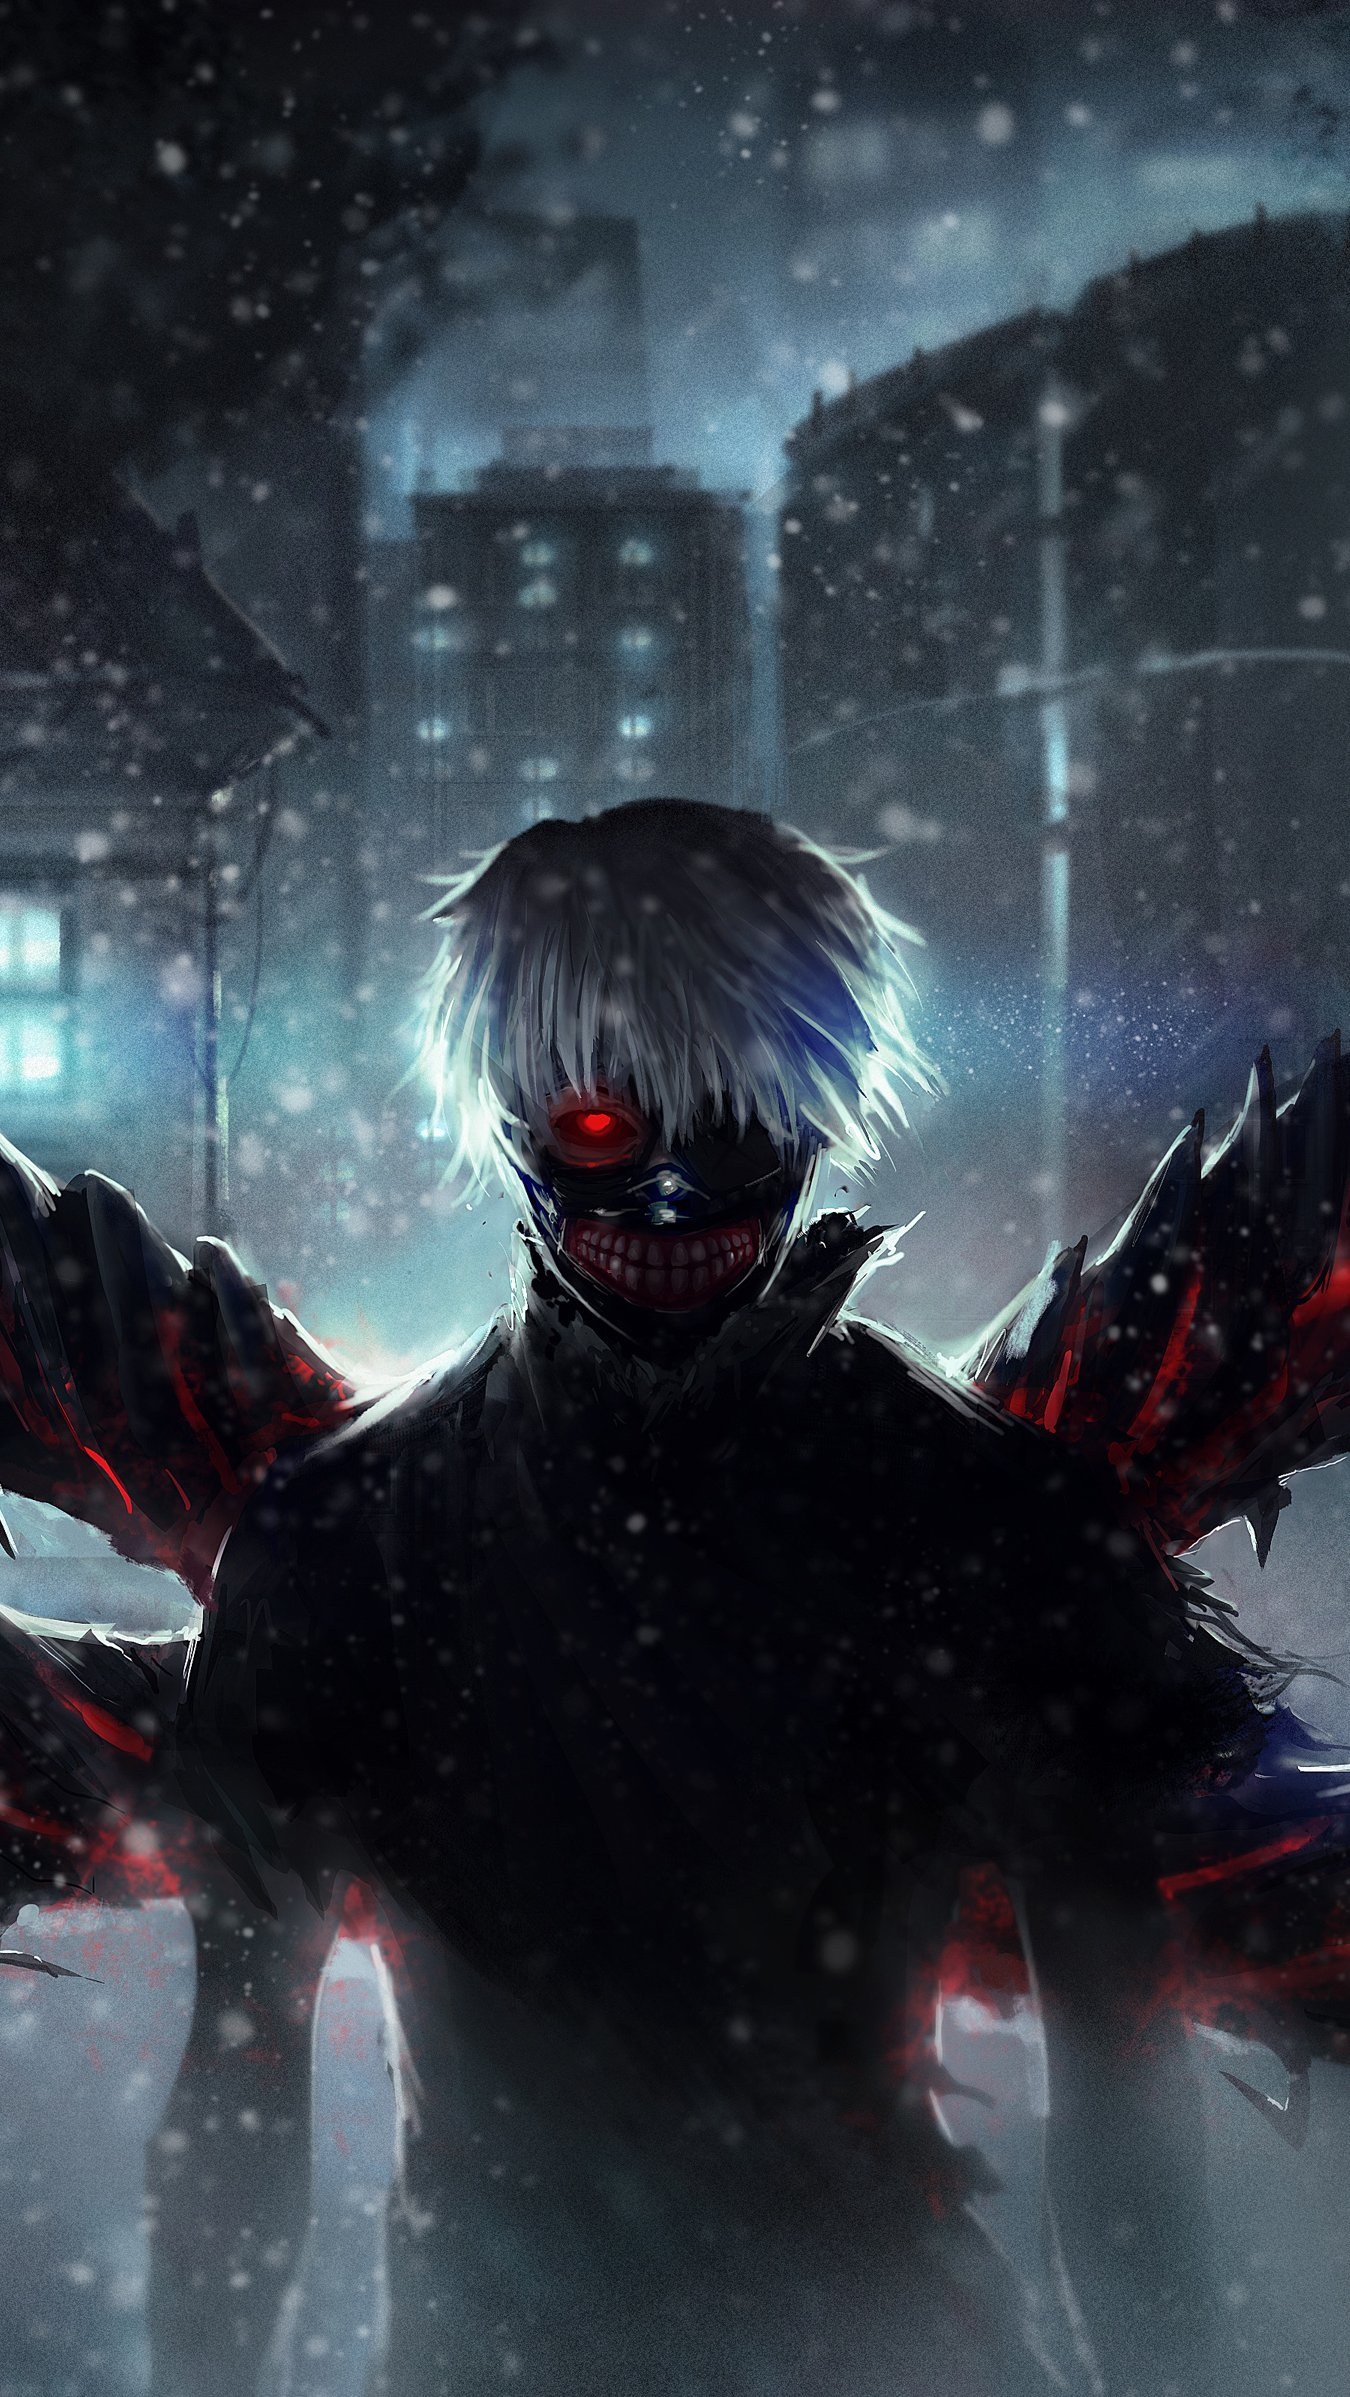 Fondos de pantalla Anime Ken Kaneki de Tokyo Ghoul Vertical